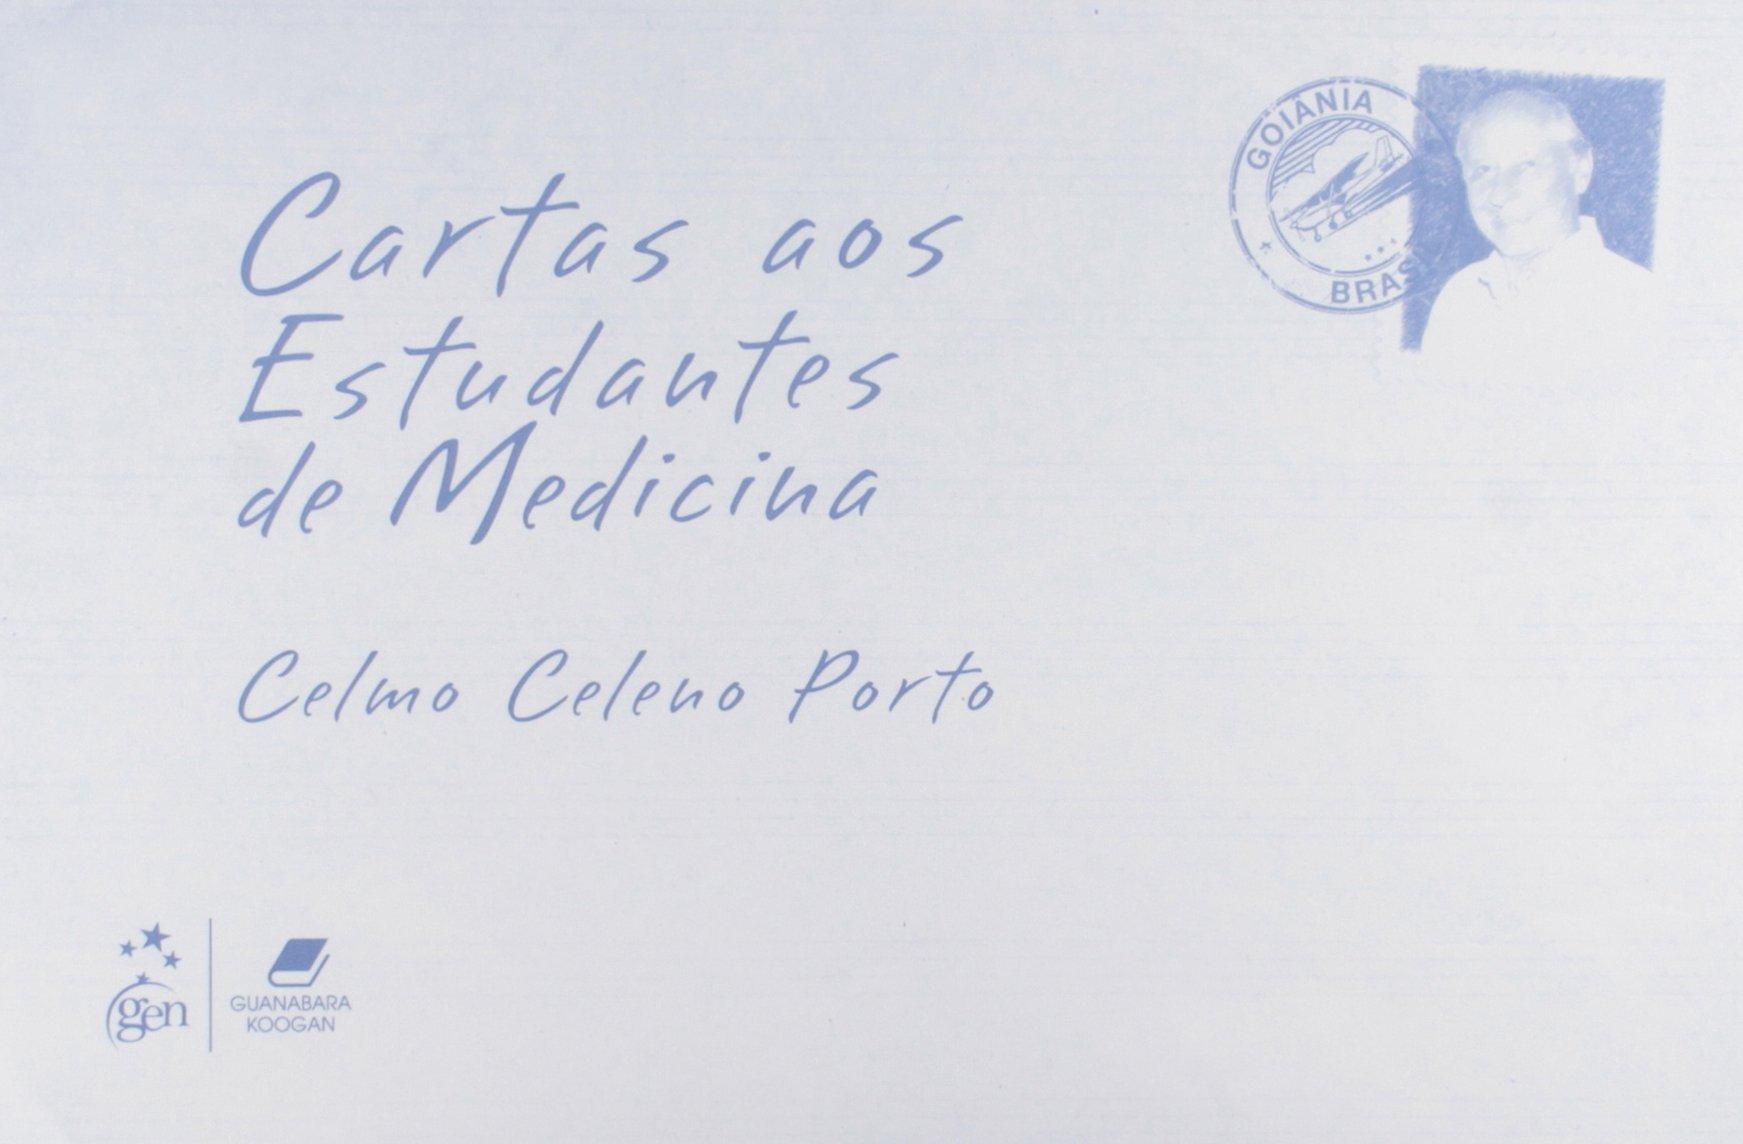 Cartas aos Estudantes de Medicina: Celmo Celeno Porto ...